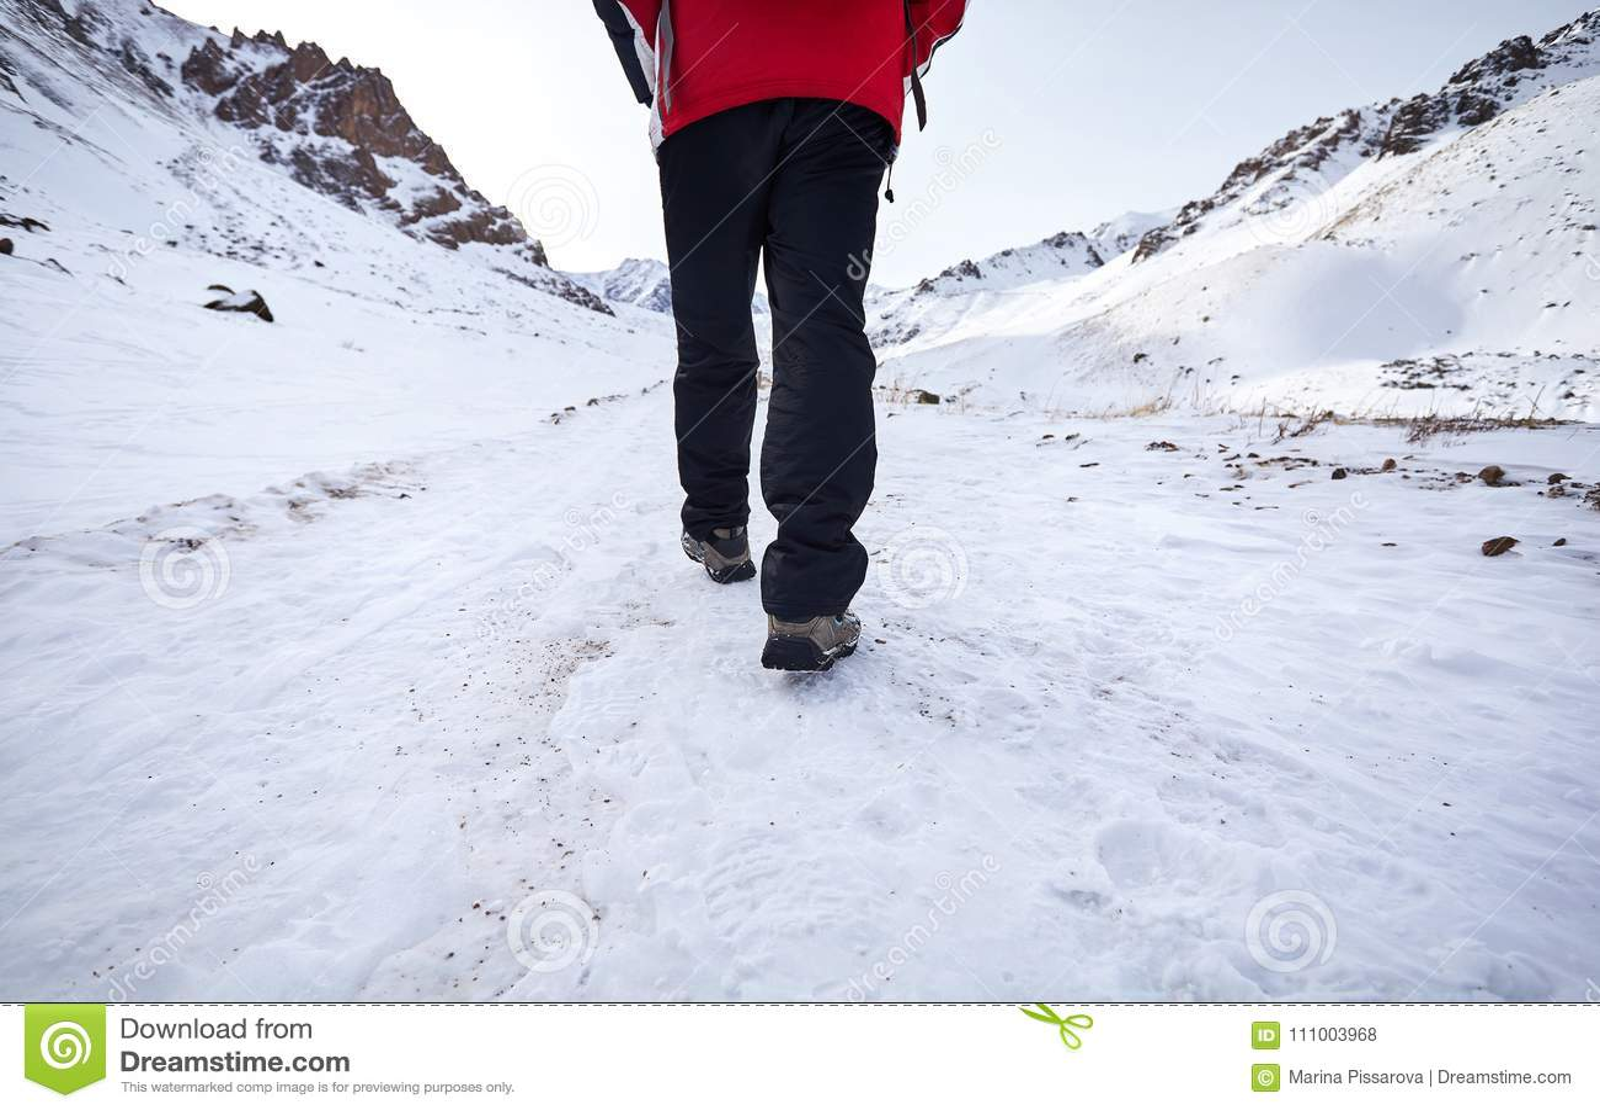 Hiker в снежных горах